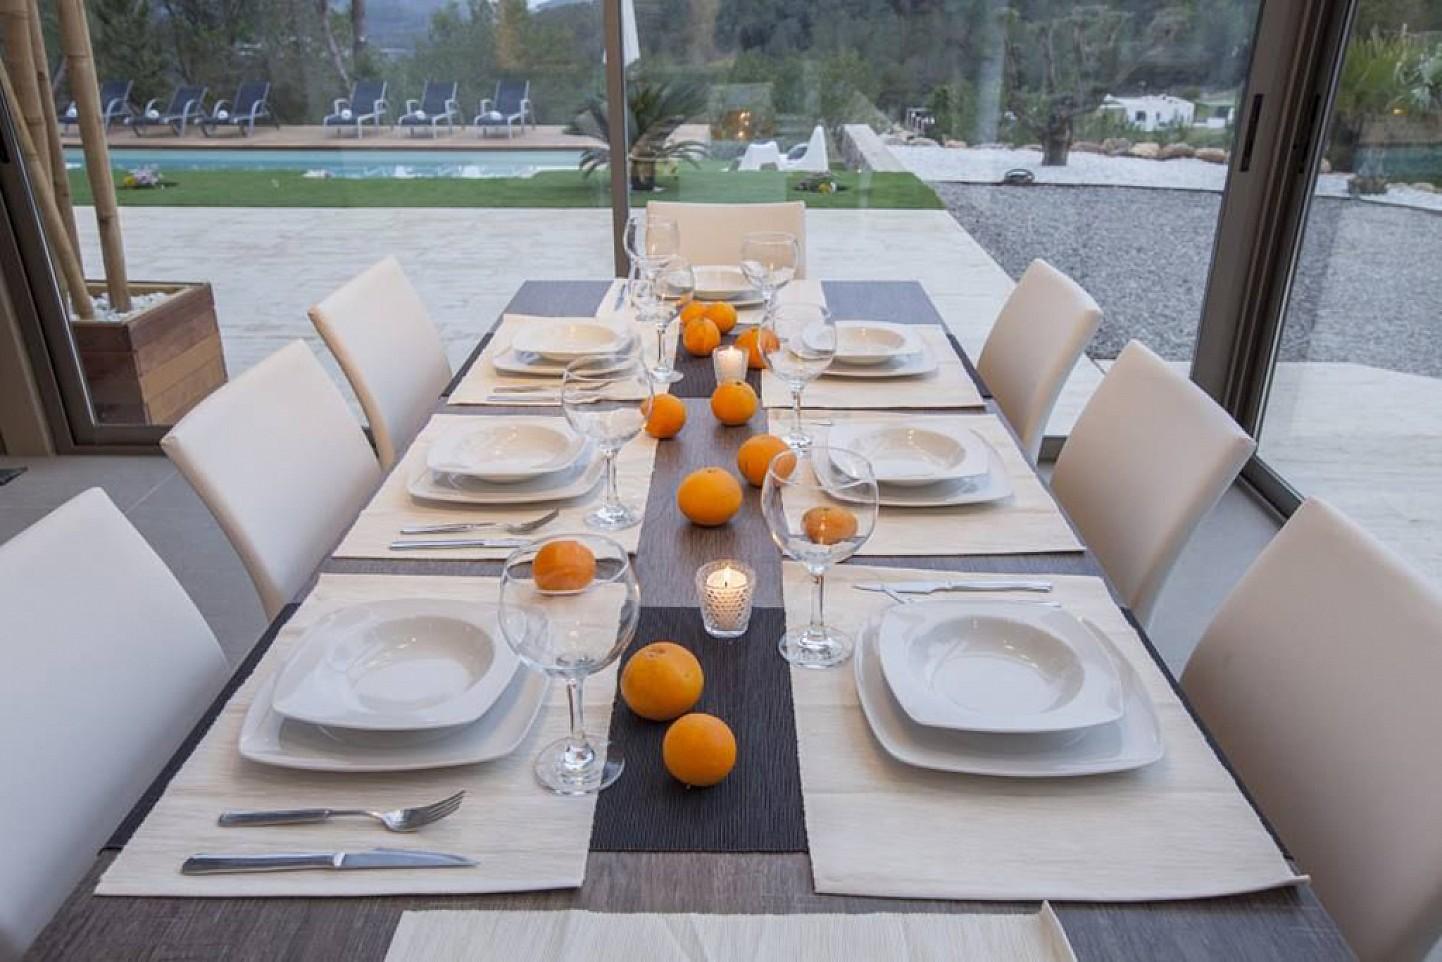 Comedor amplio con vistas al exterior